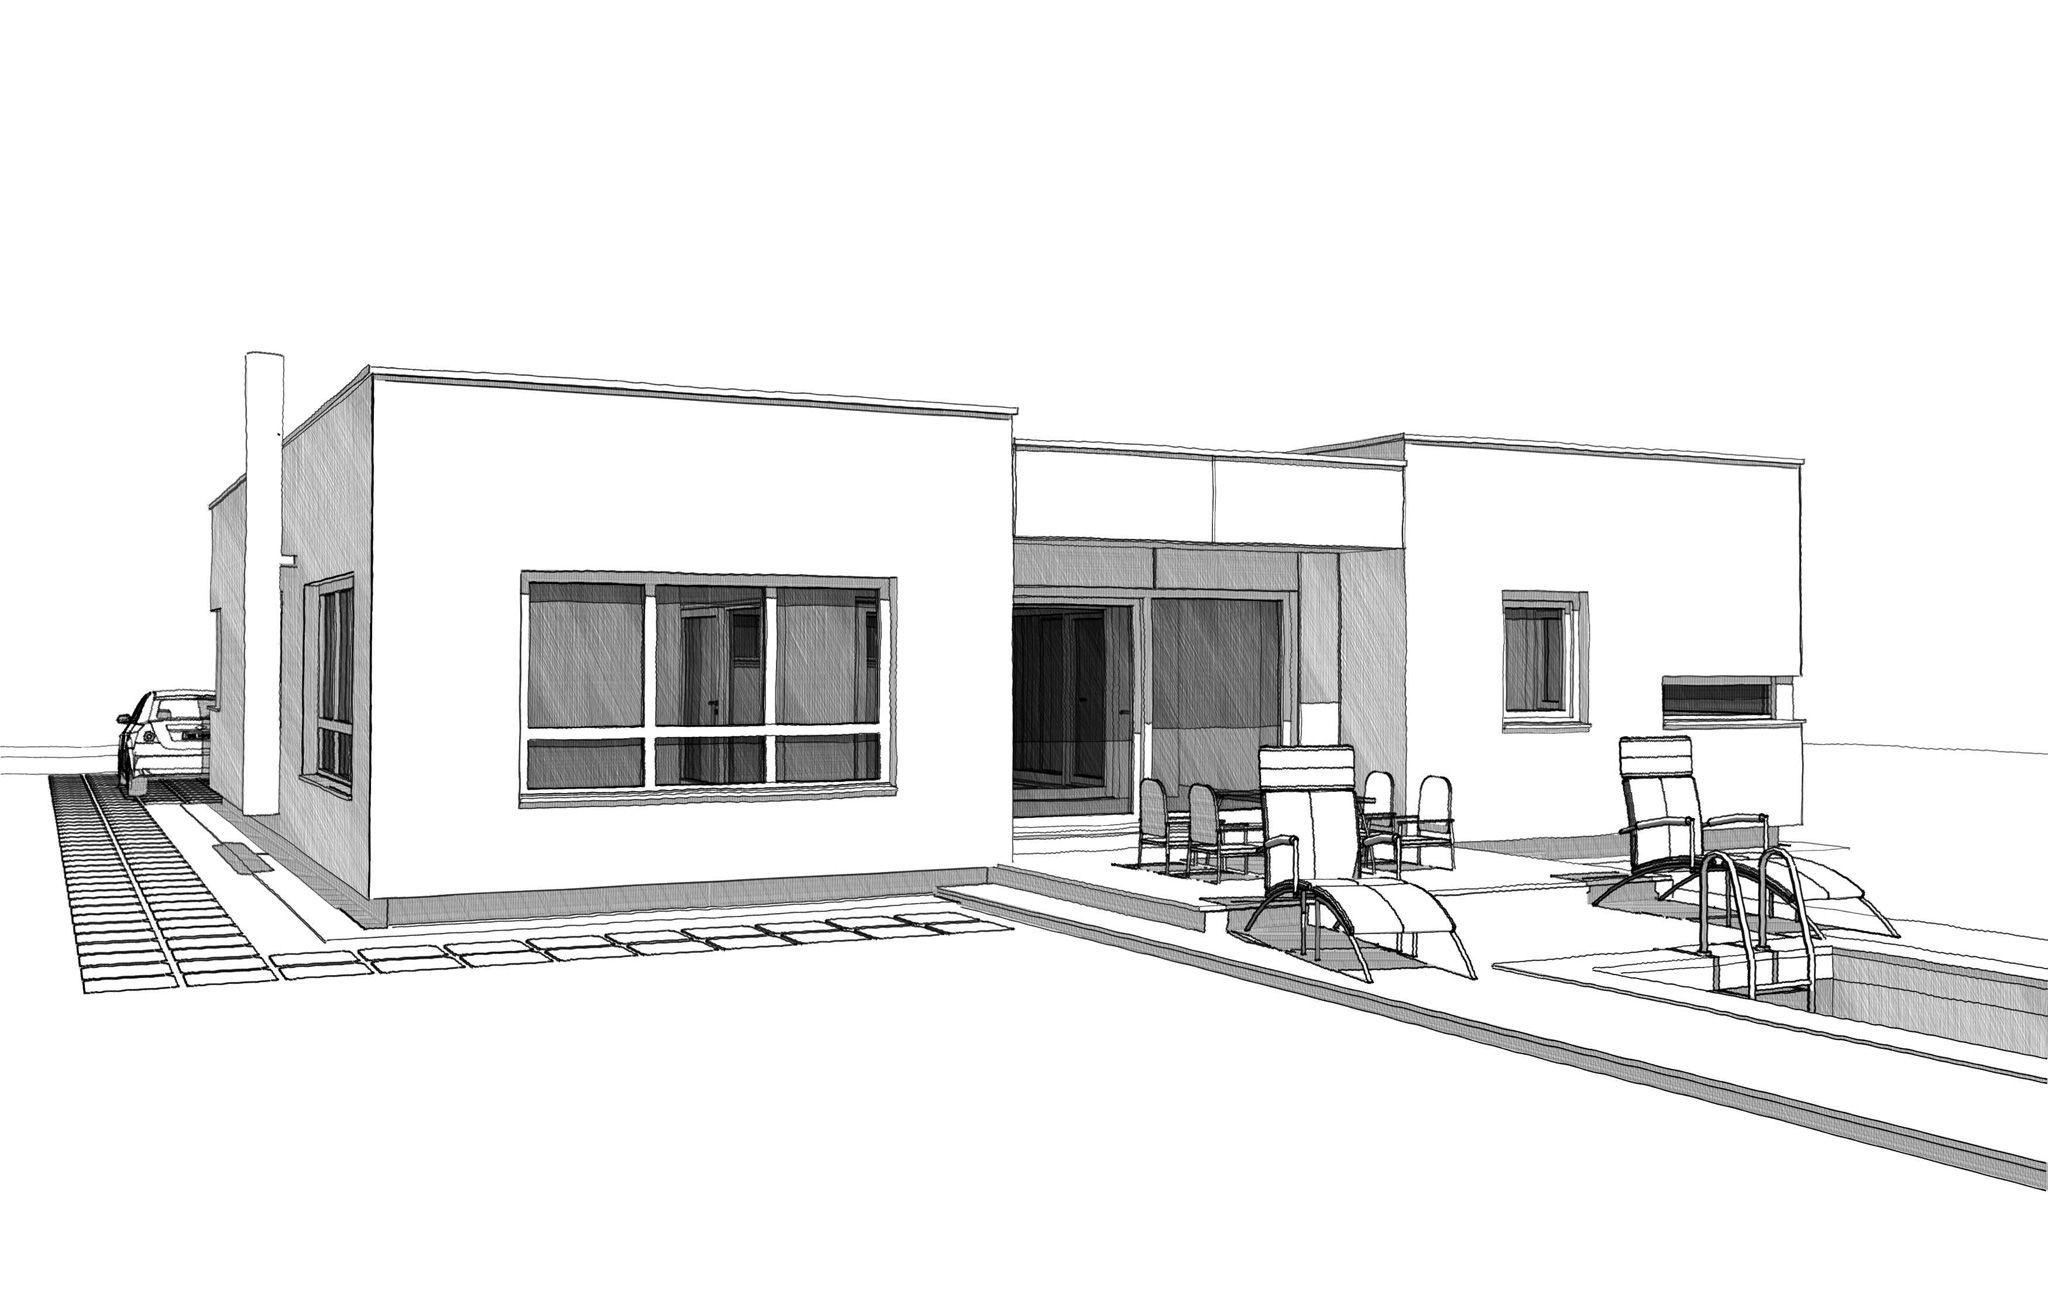 Bungalow Haus modern im Bauhausstil mit Innenhof